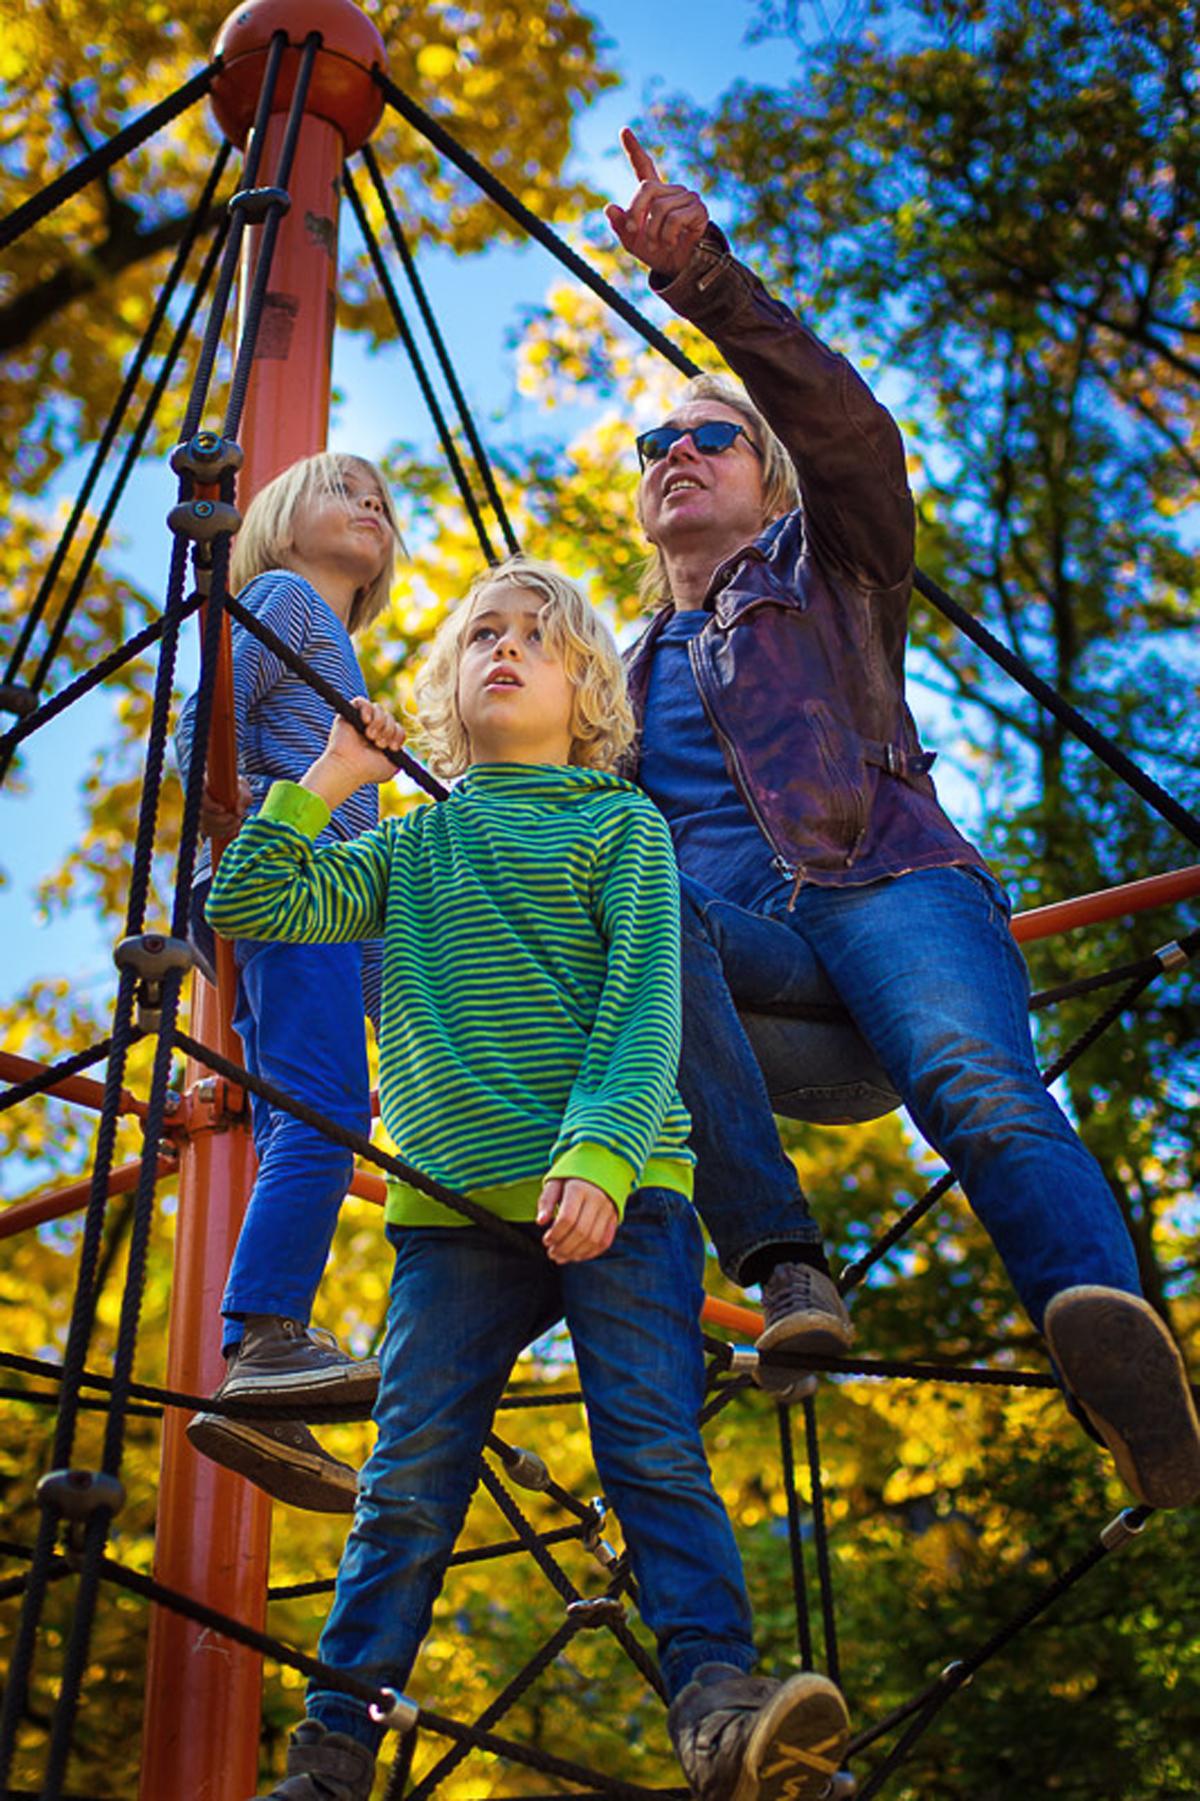 Familie auf Spielplatz als natürliche Fotoreportage